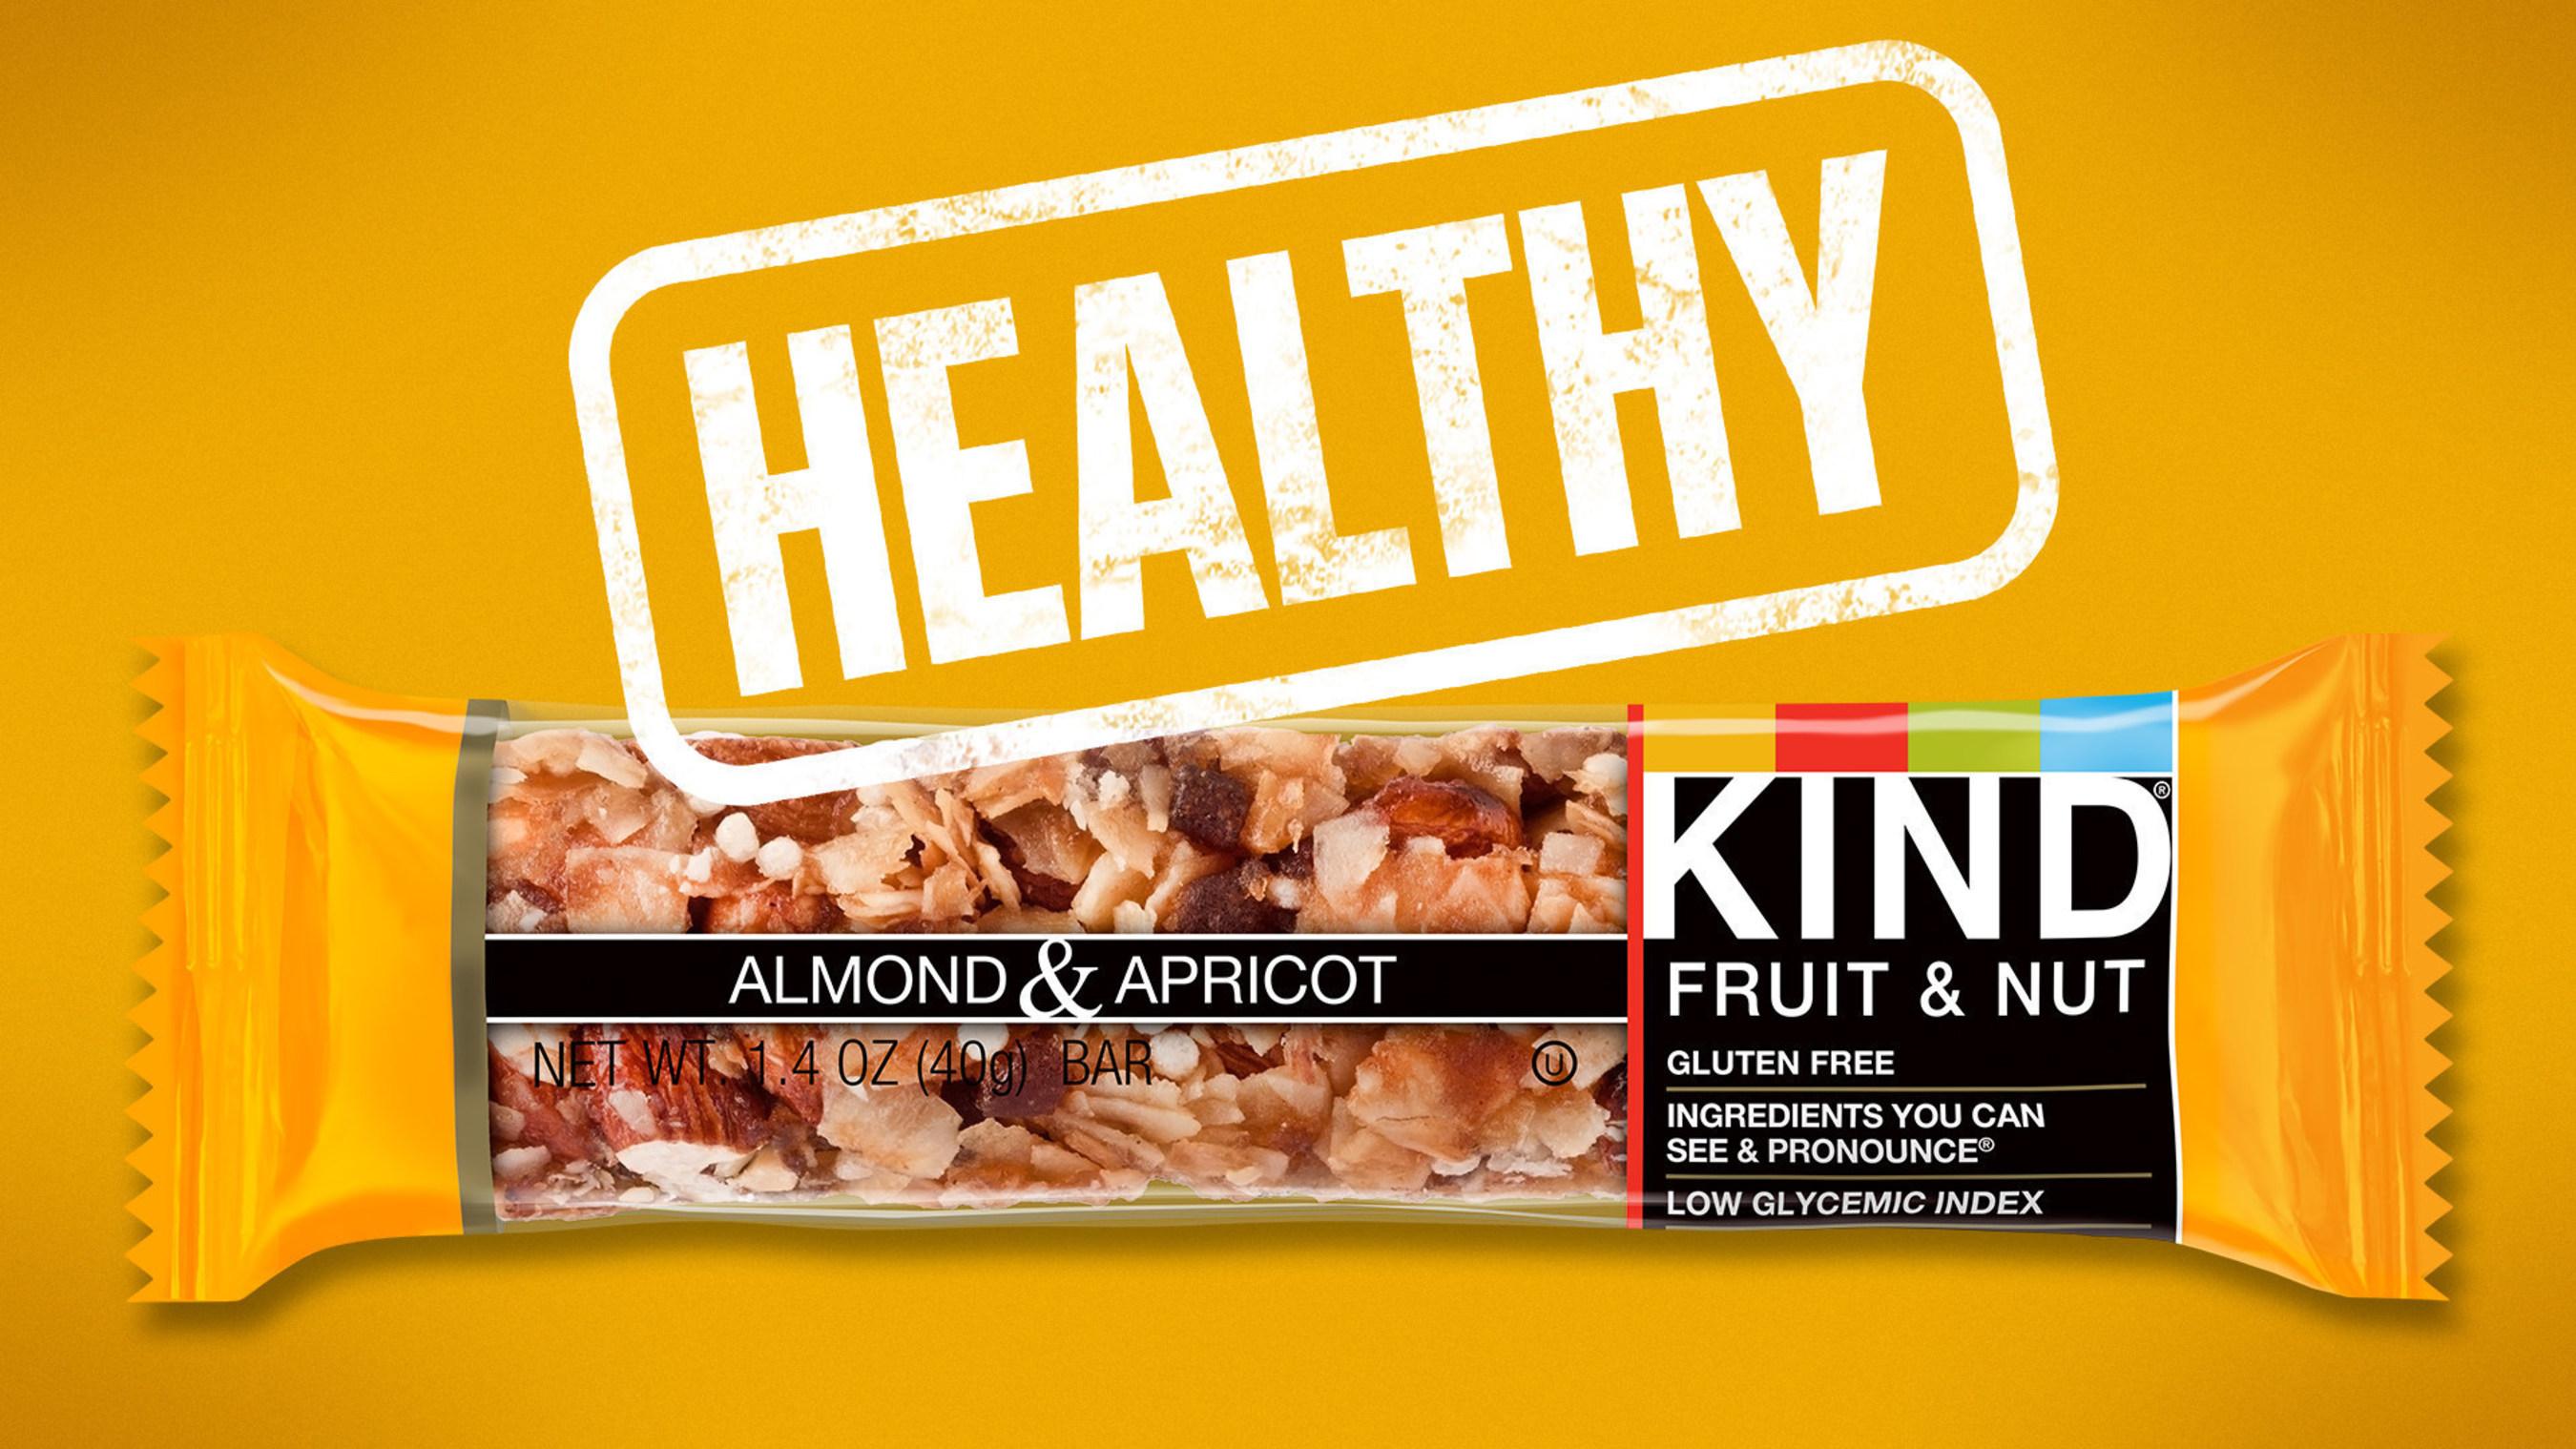 Almond & Apricot